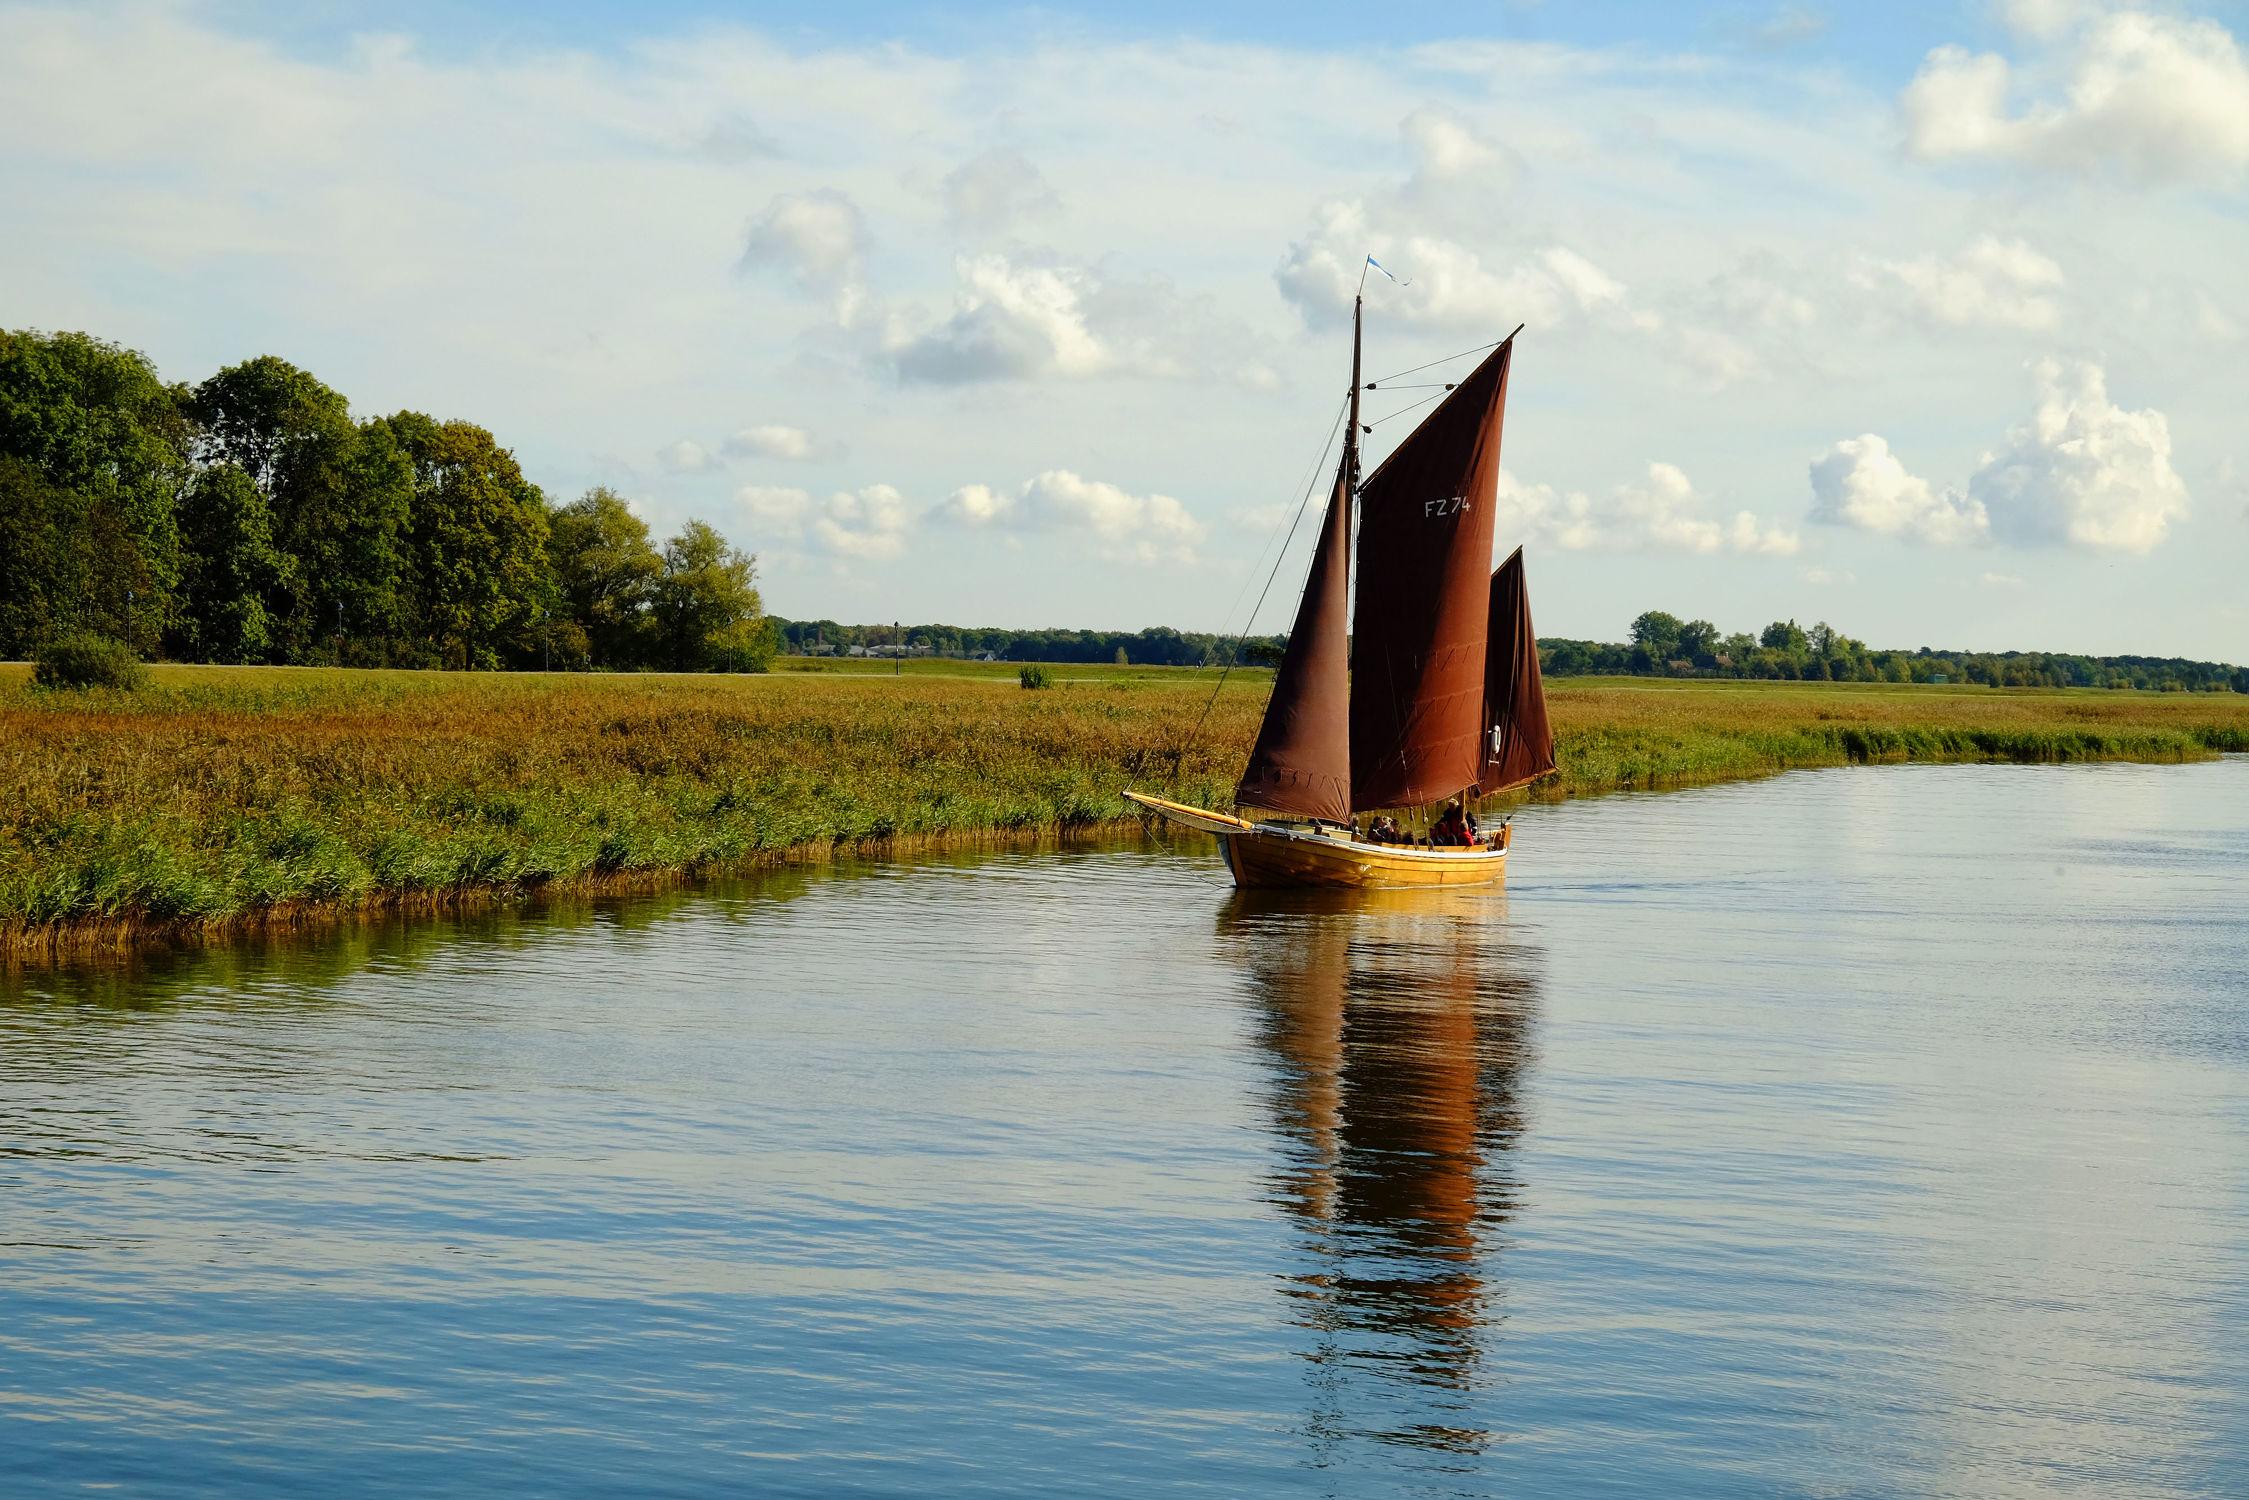 Bild mit Segelboote, Meerblick, Segelboot, boot, boot, Meer, Meer, Boote, Boote, Segel